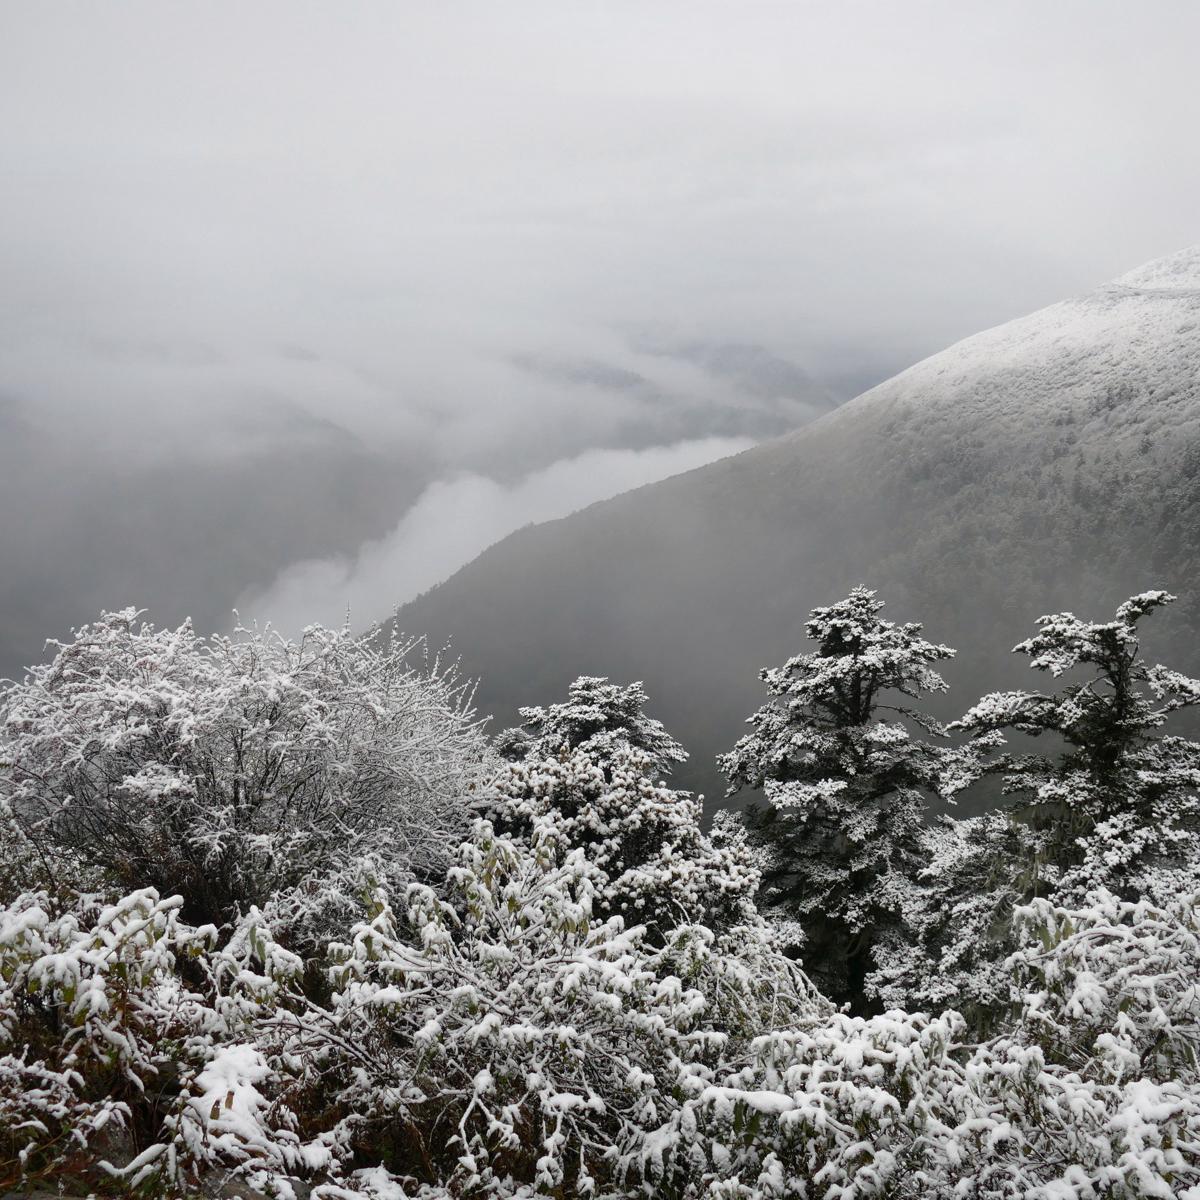 A winter wonderland on the approach to Balang Shan Pass. Noah Strycker